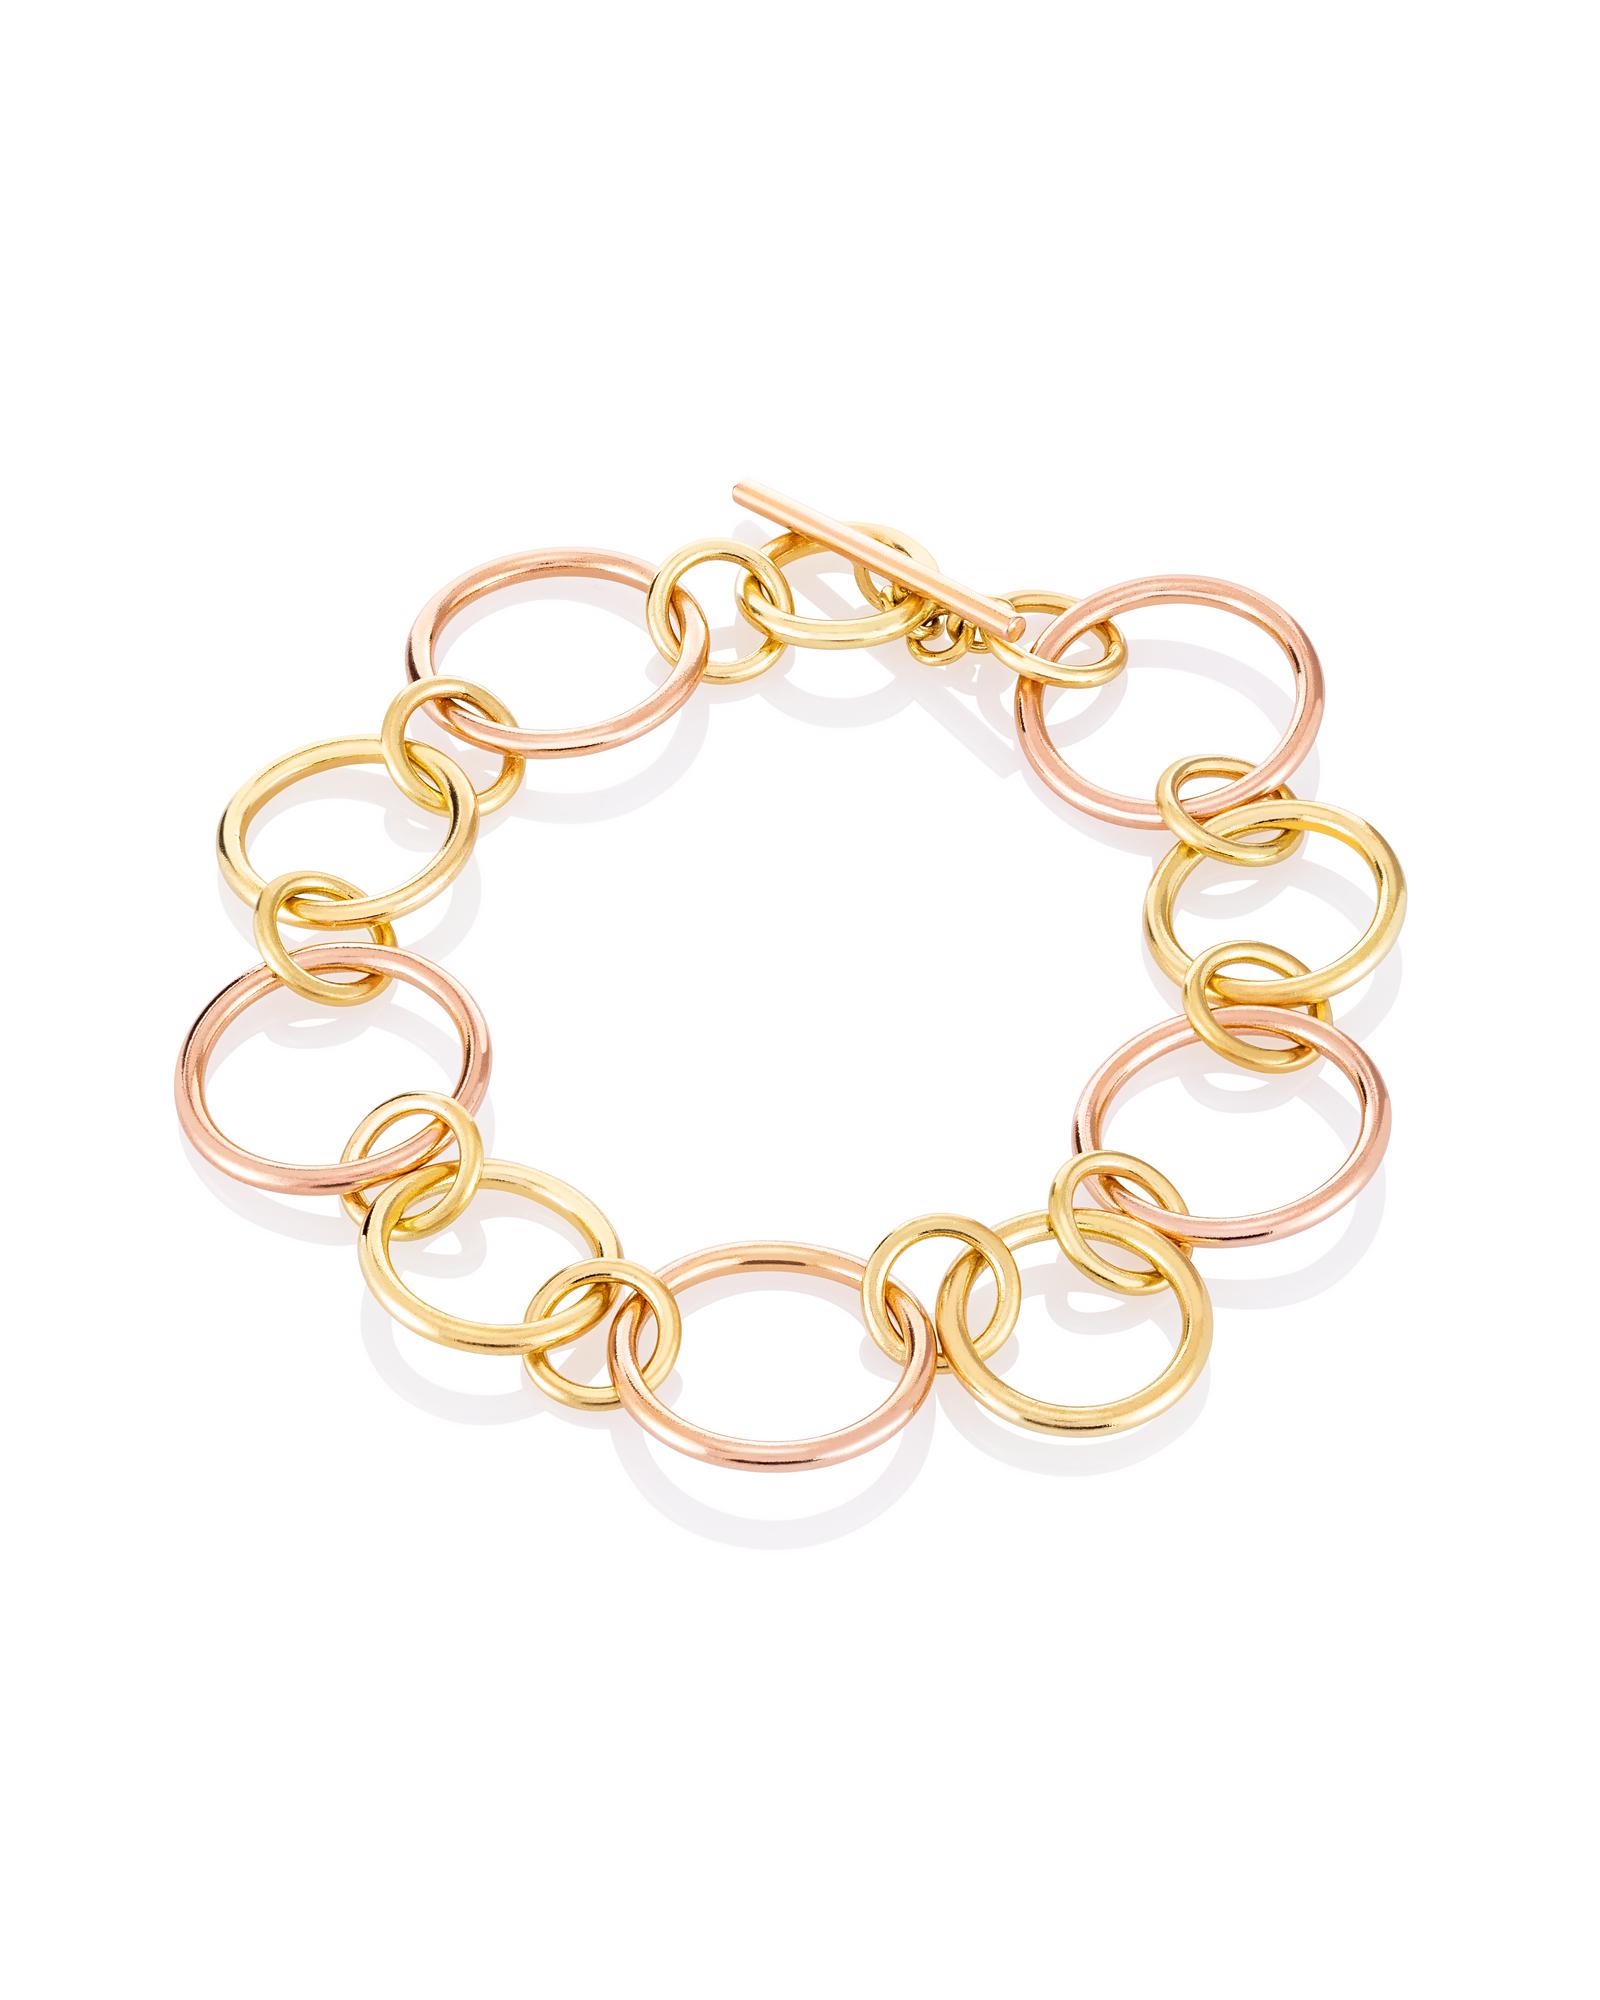 Jewelry_09.jpg